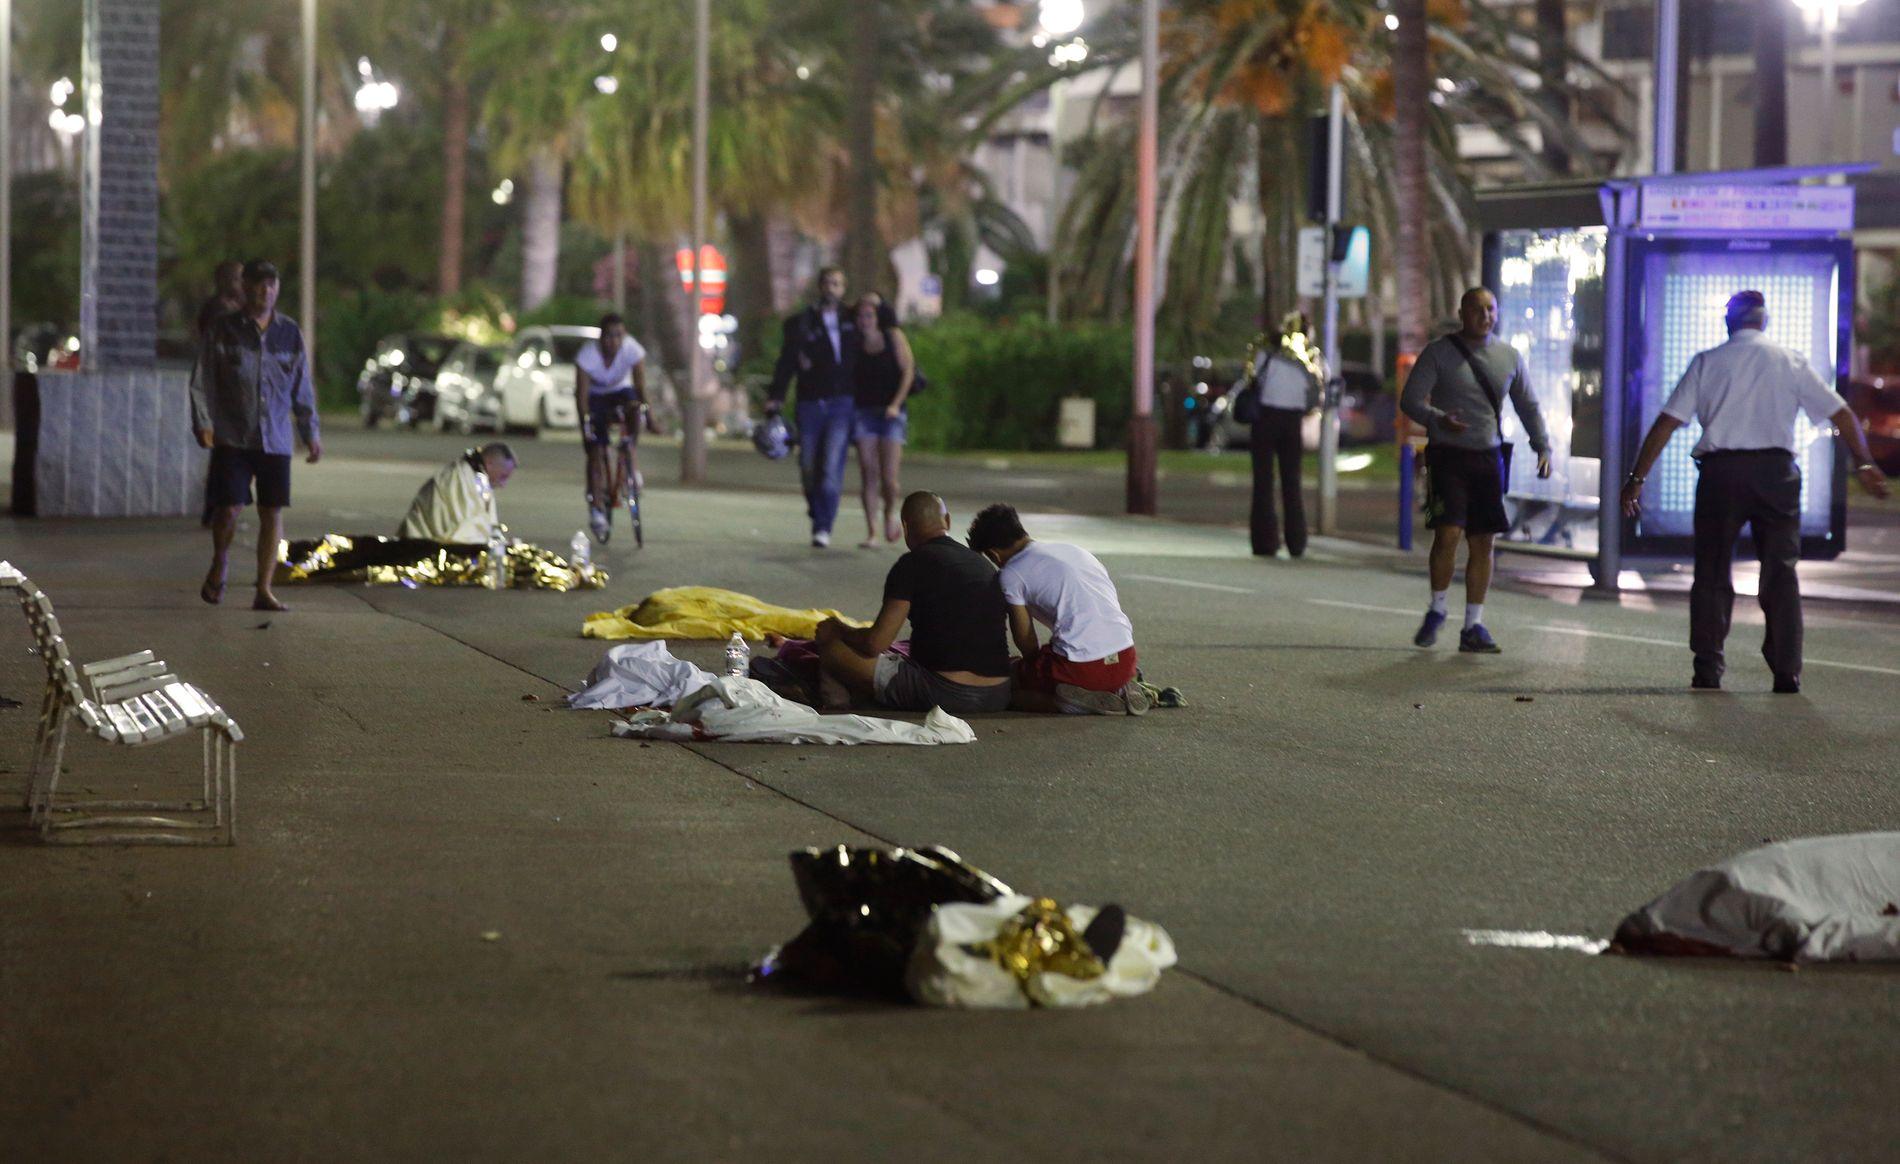 73 DØDE: Minst 73 personer ble drept i det som omtales som et angrep i den franske byen Nice torsdag kveld.